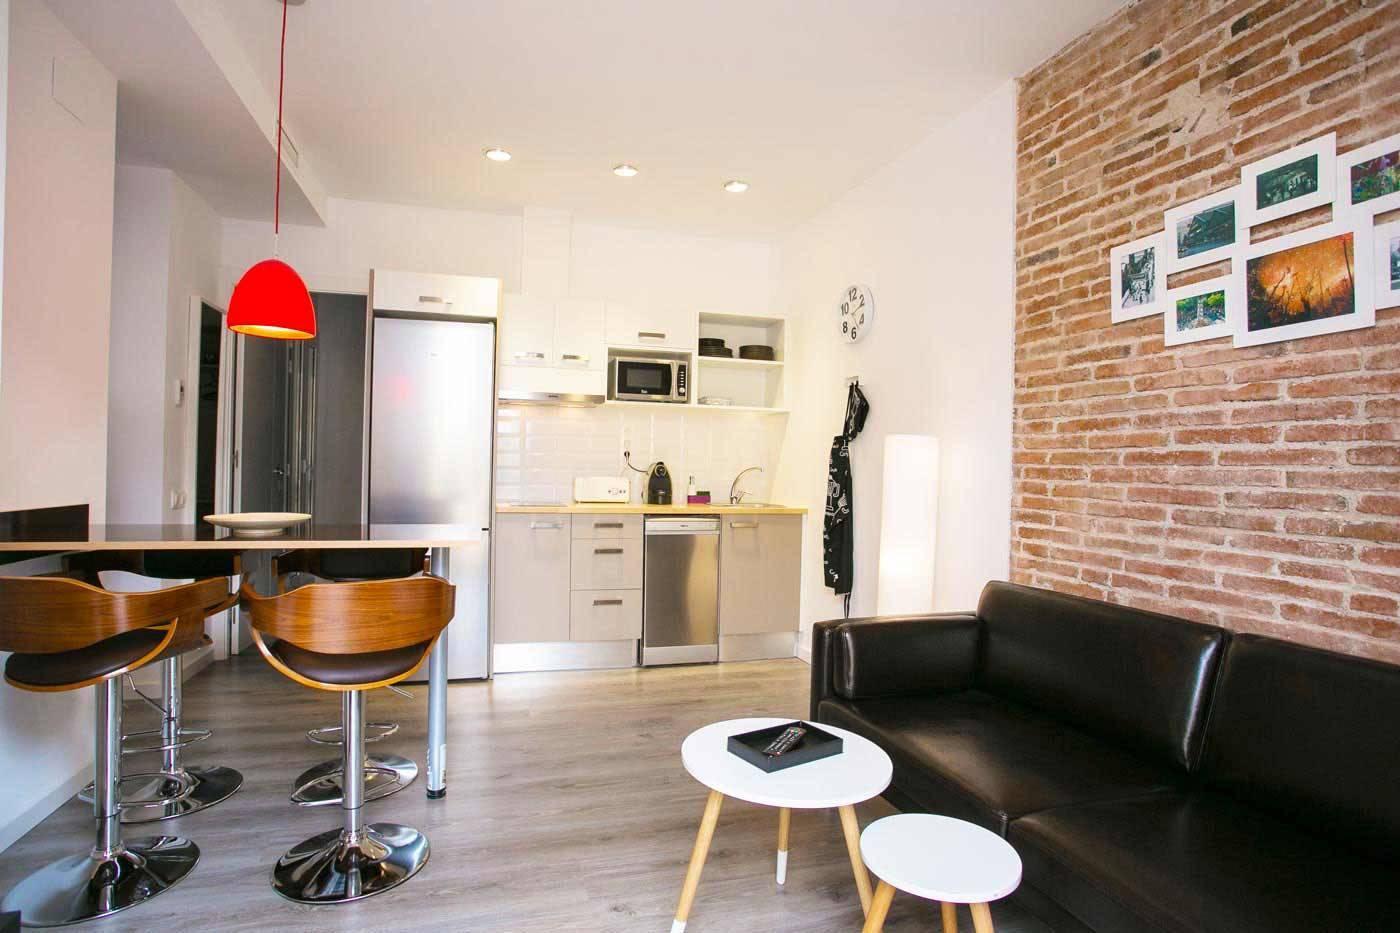 Les appartements deco sants fira des logements calmes et for Appartement deco bateau